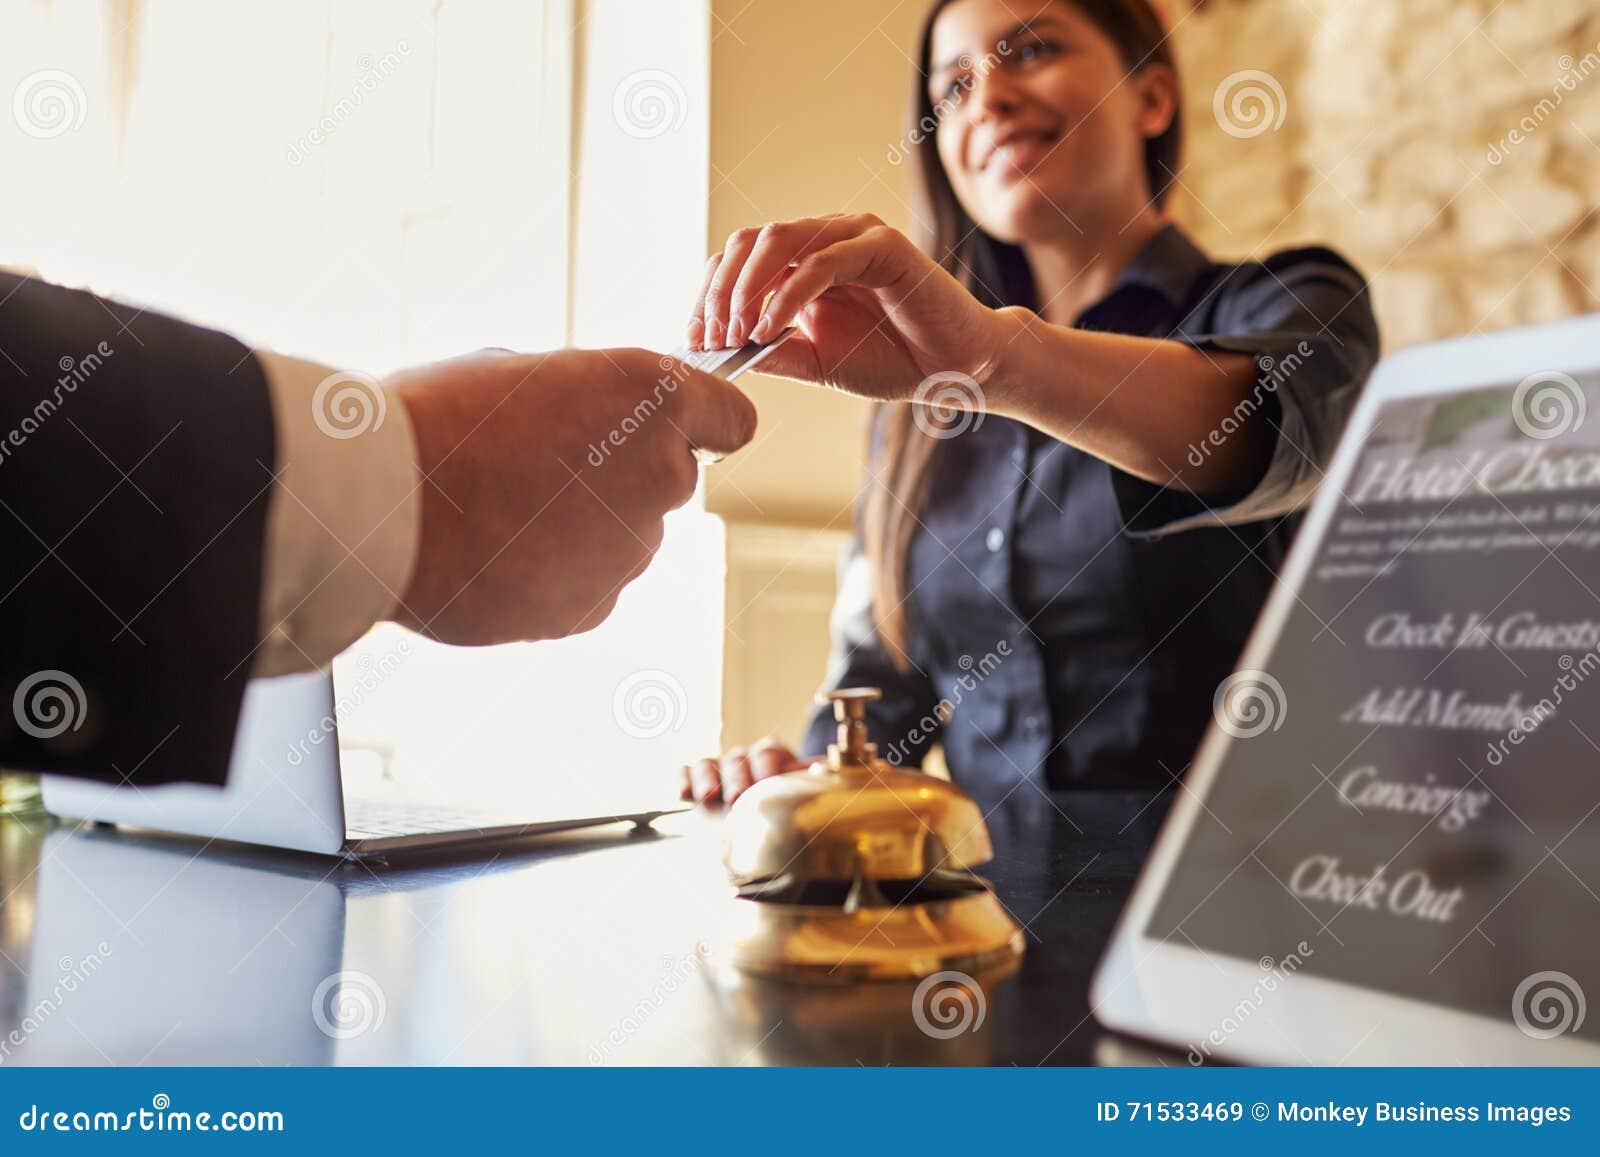 O convidado pega a sala o cartão chave na mesa de registro do hotel, fim